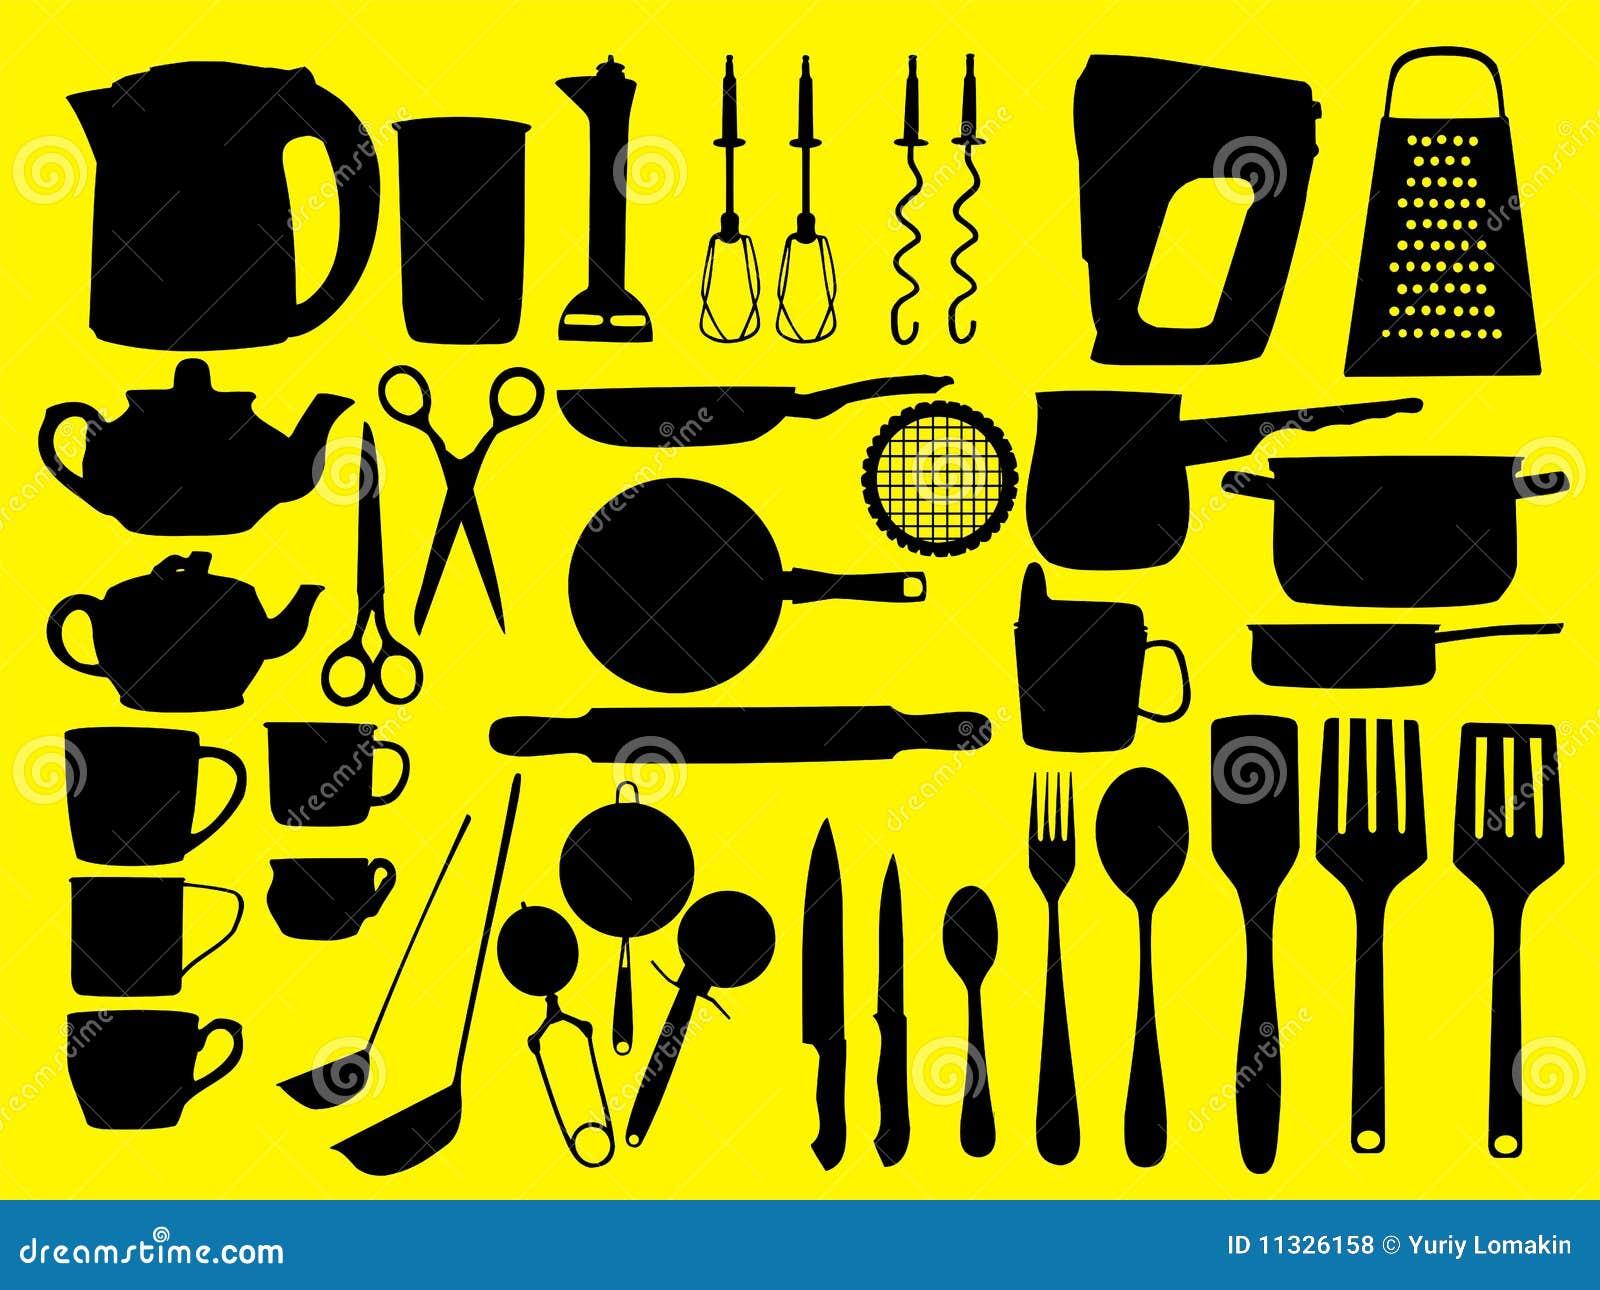 Luxury best kitchen home interior design ideas kitchen objects